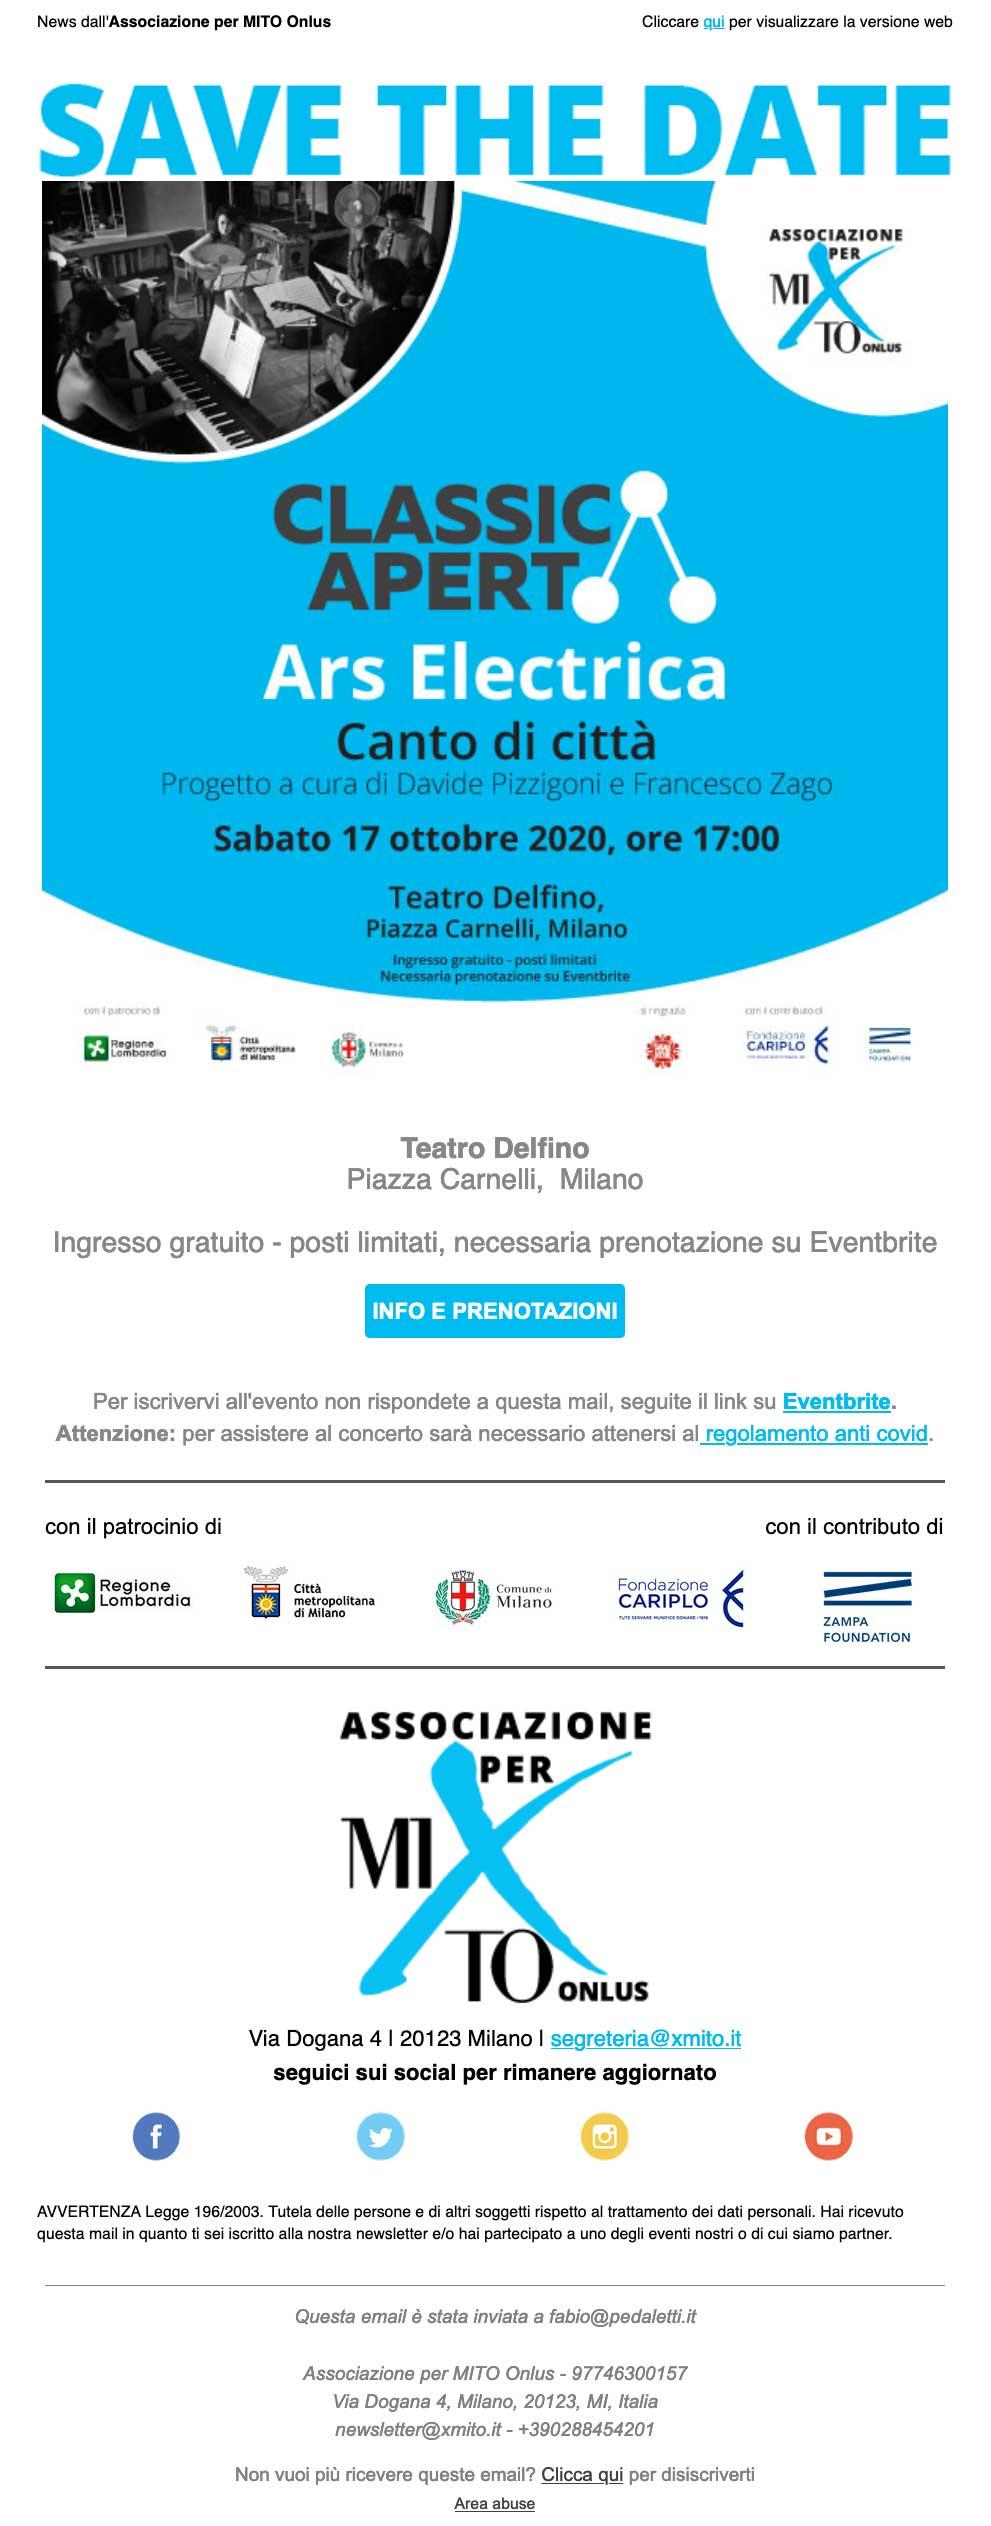 Associazione per MITO Onlus: invito ClassicAperta 2020 ottobre 15